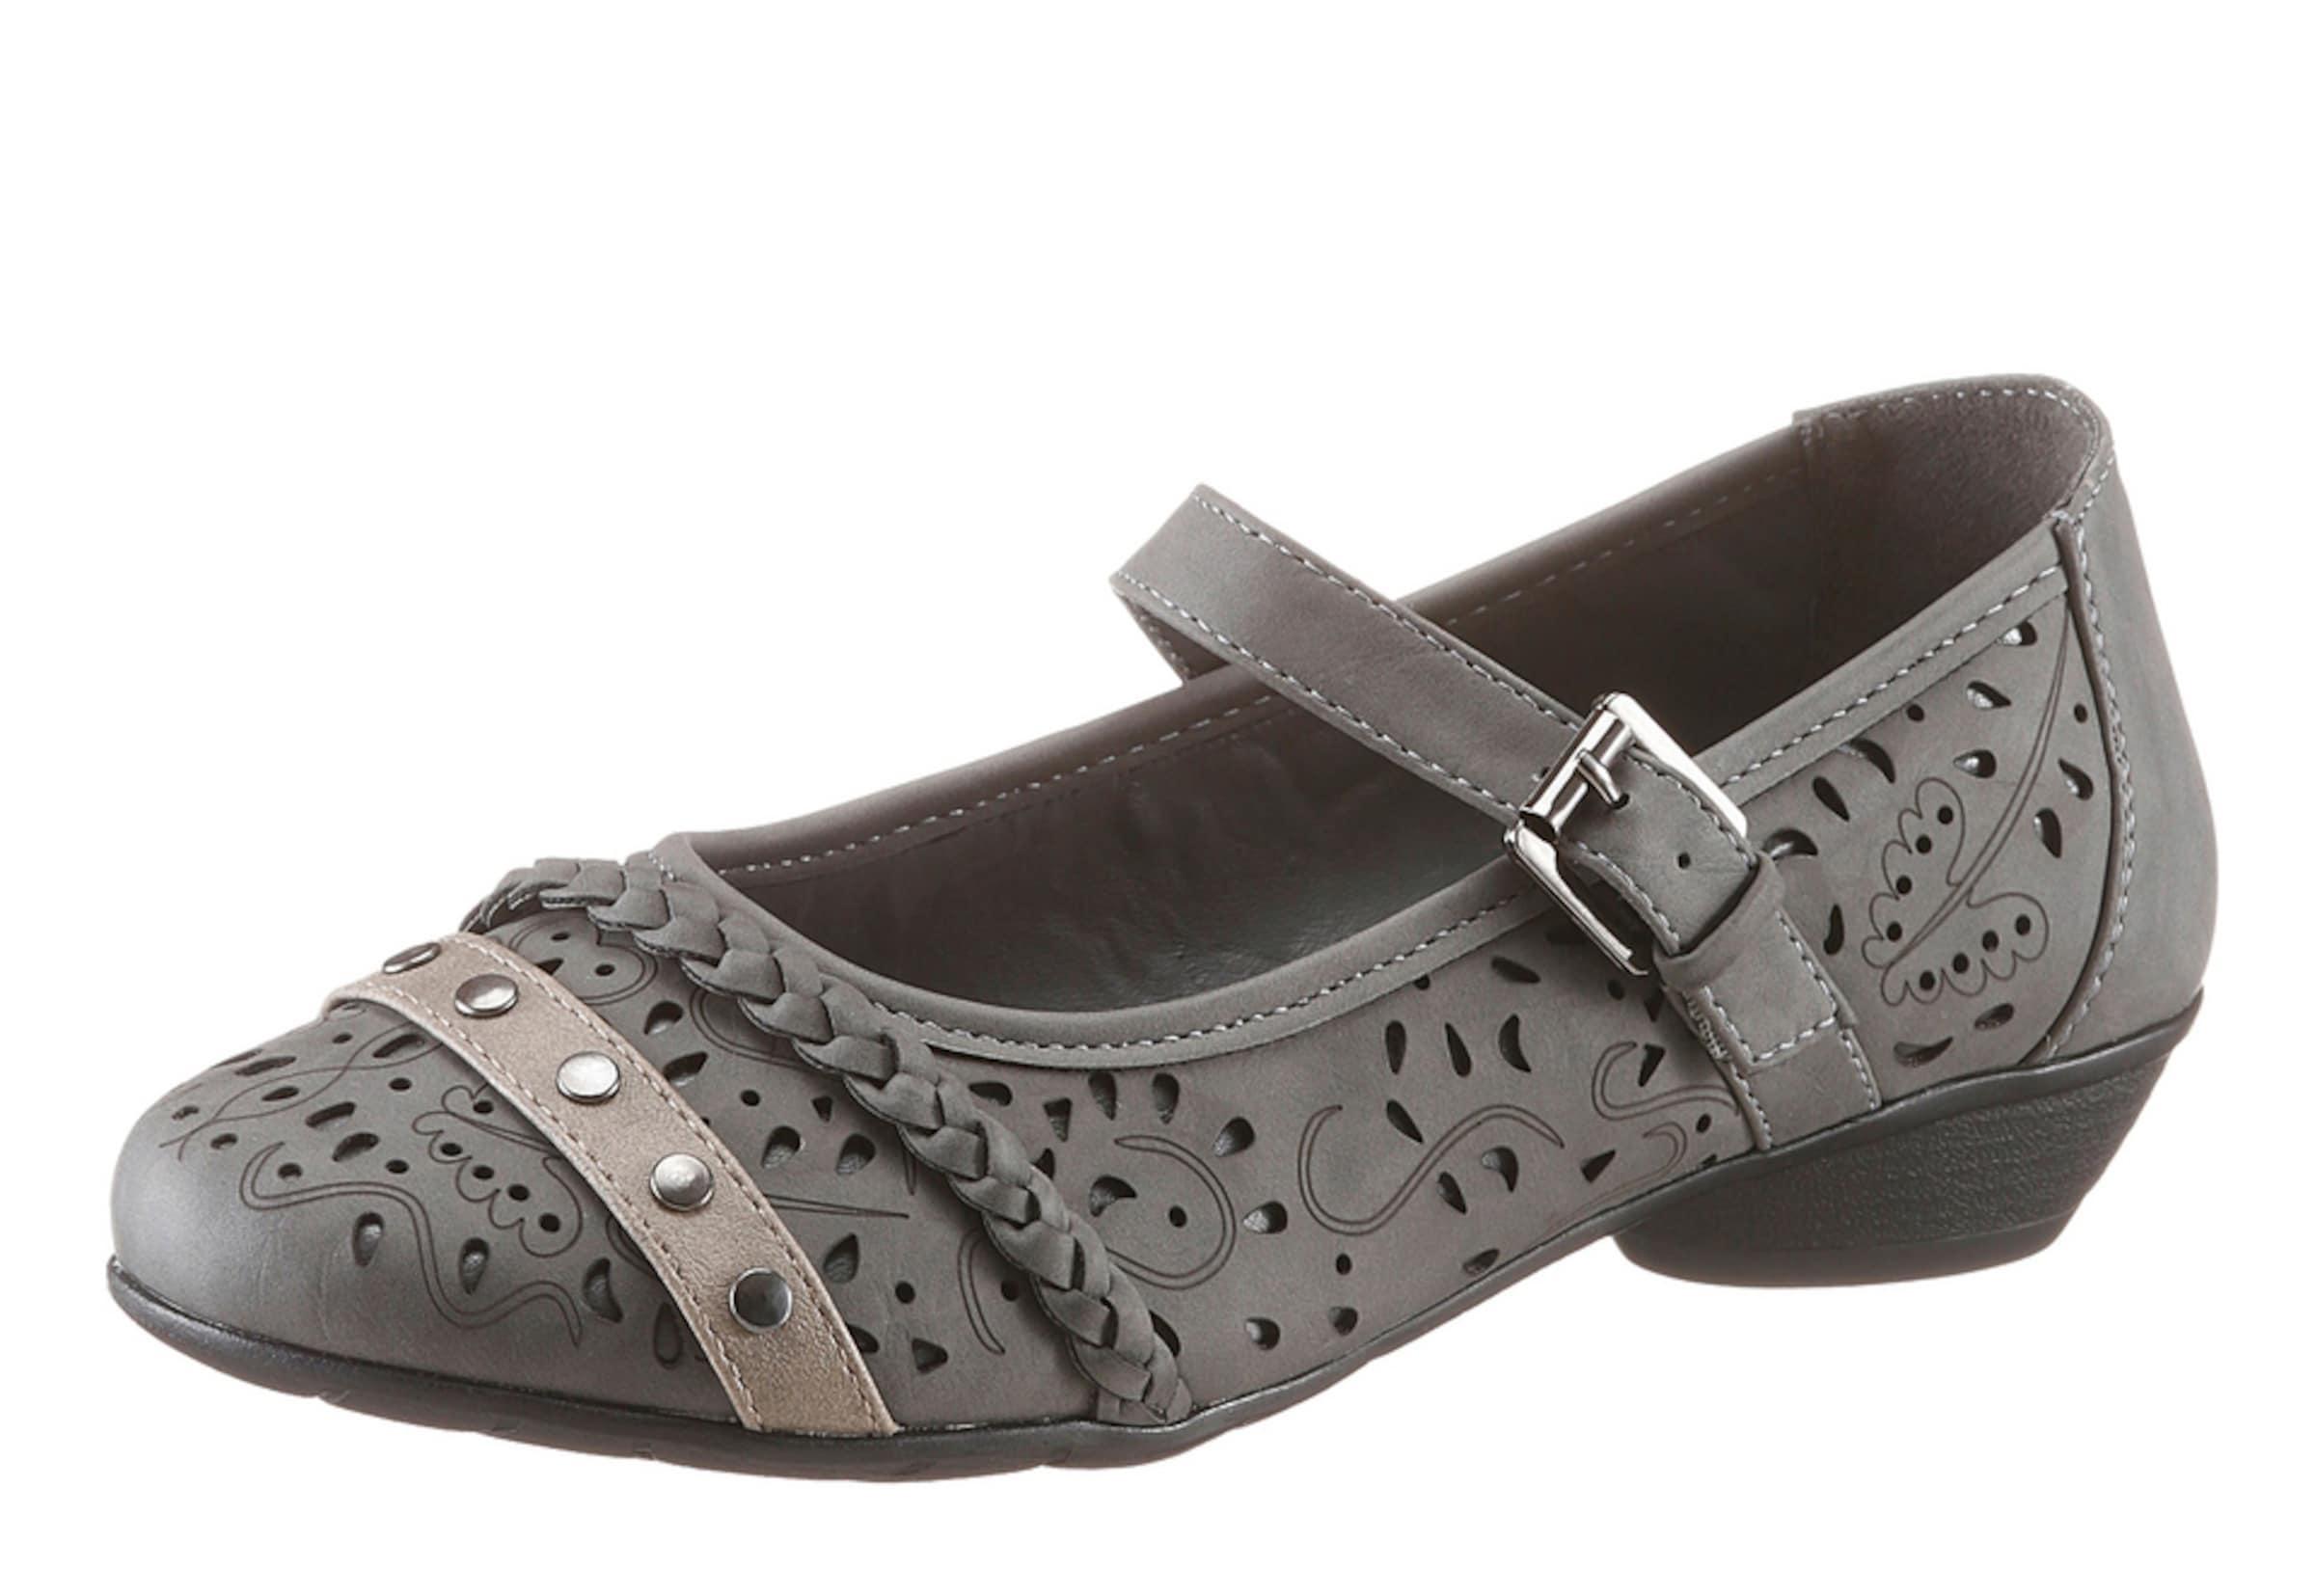 CITY WALK Spangenpumps Verschleißfeste billige Schuhe